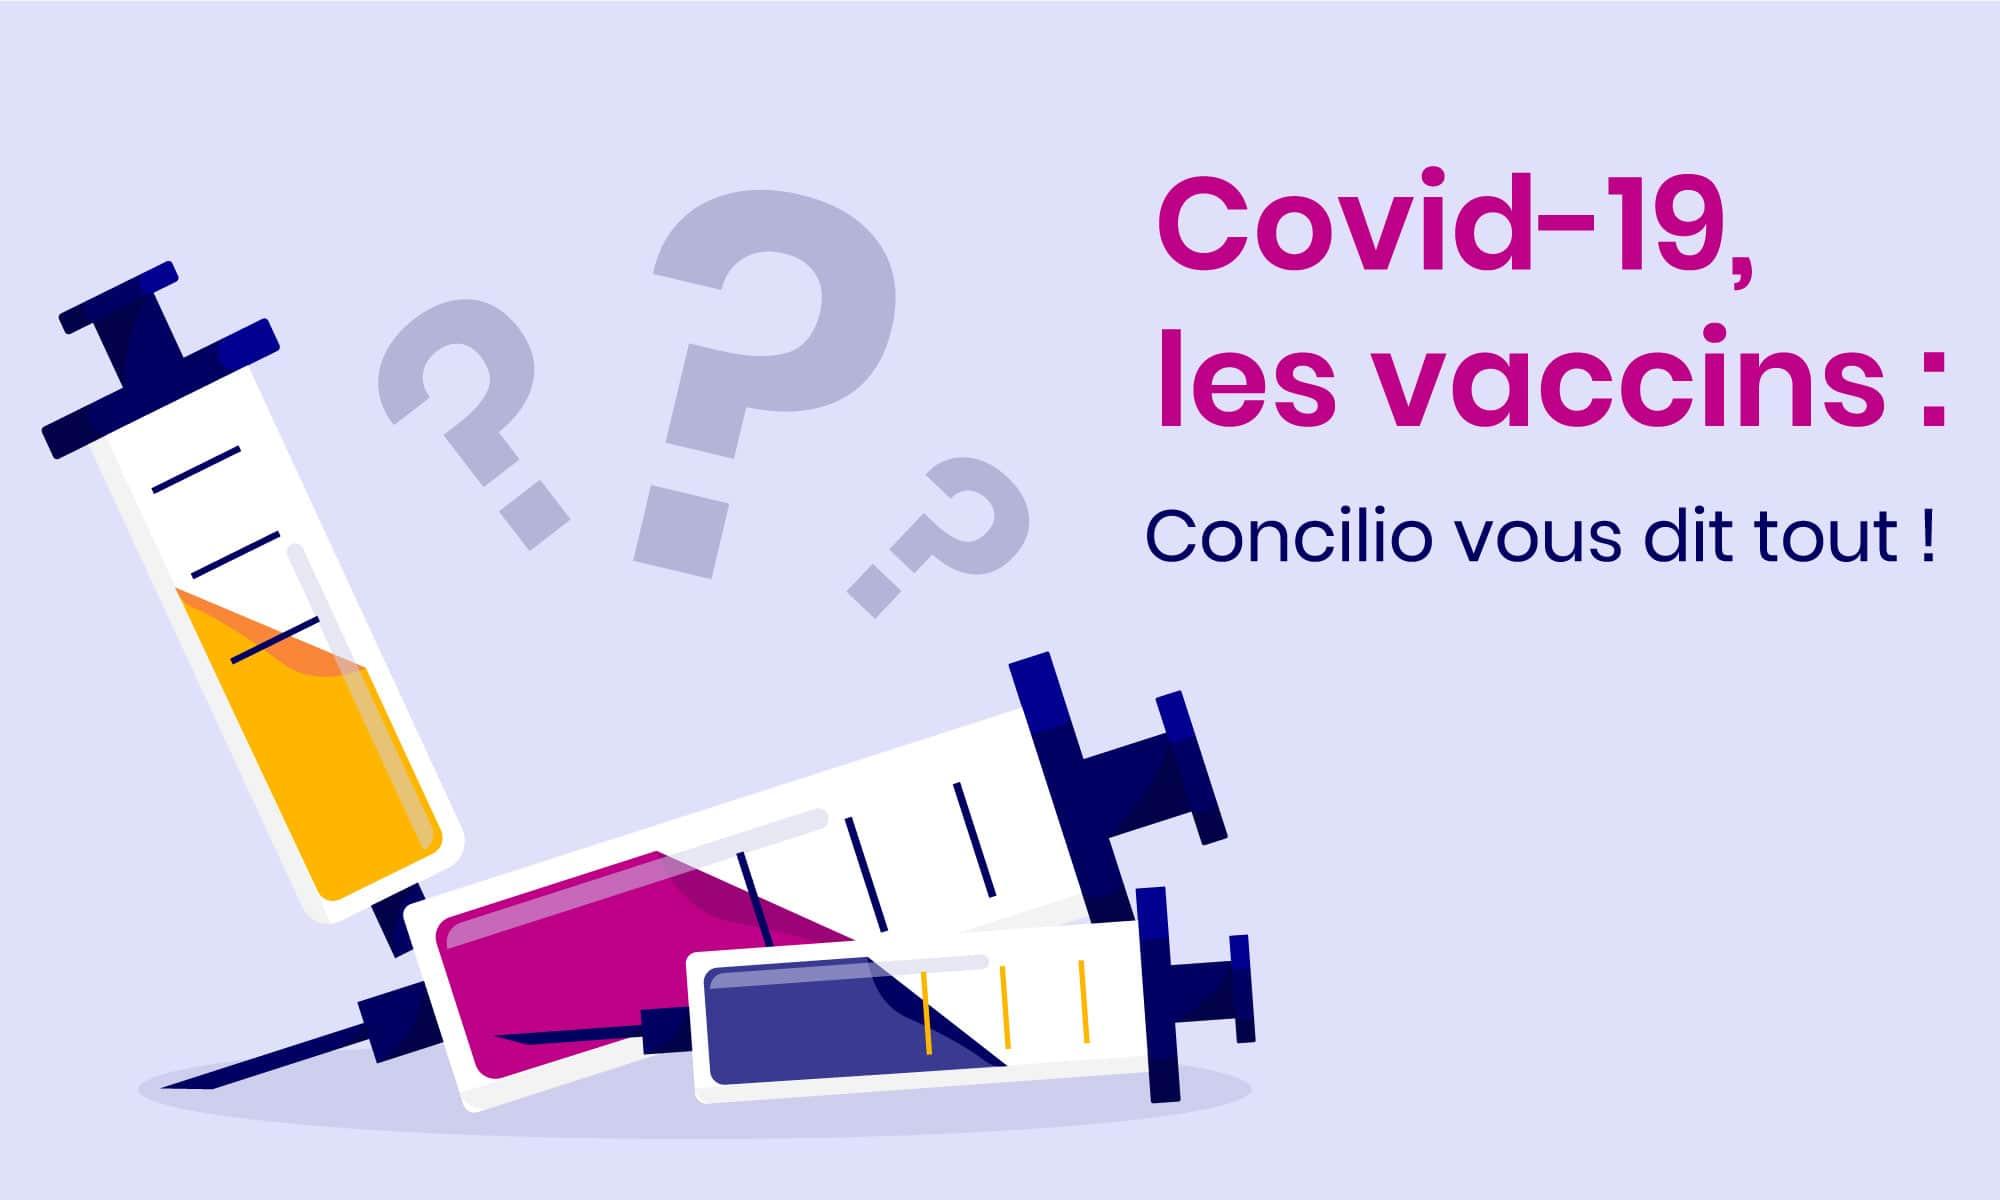 Covid-19 : Quels vaccins ? Où et comment se faire vacciner ?